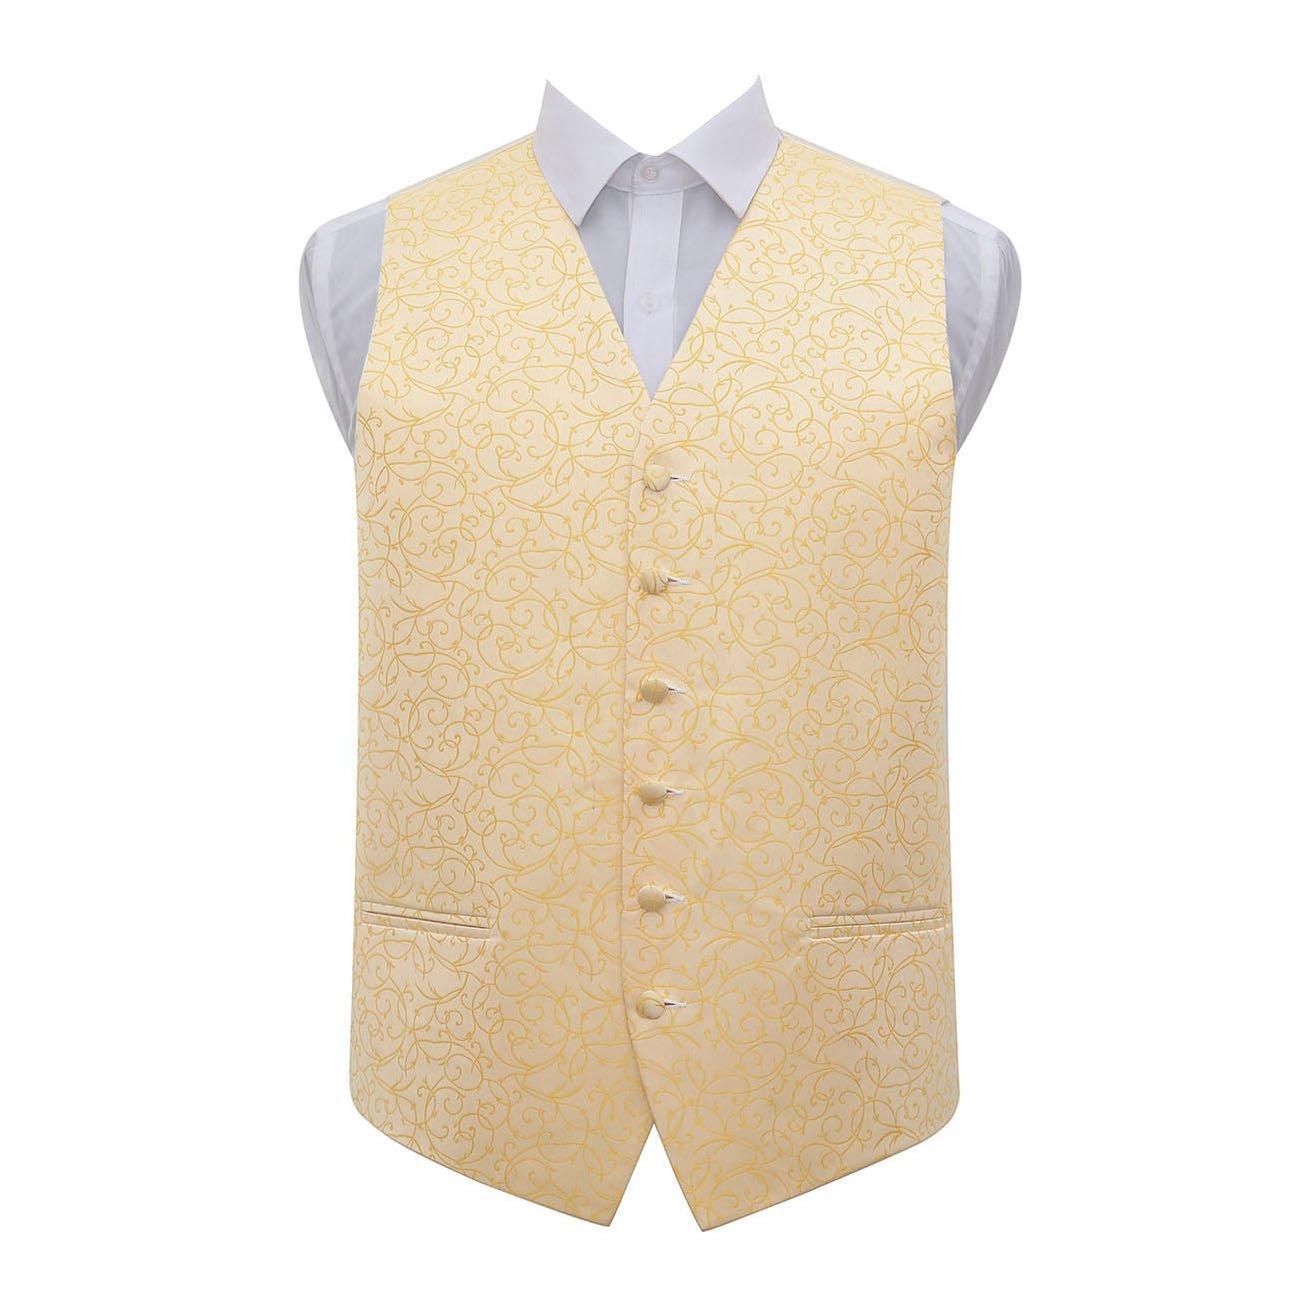 DQT Men Swirl Patterned Formal Wedding Tuxedo Waistcoat